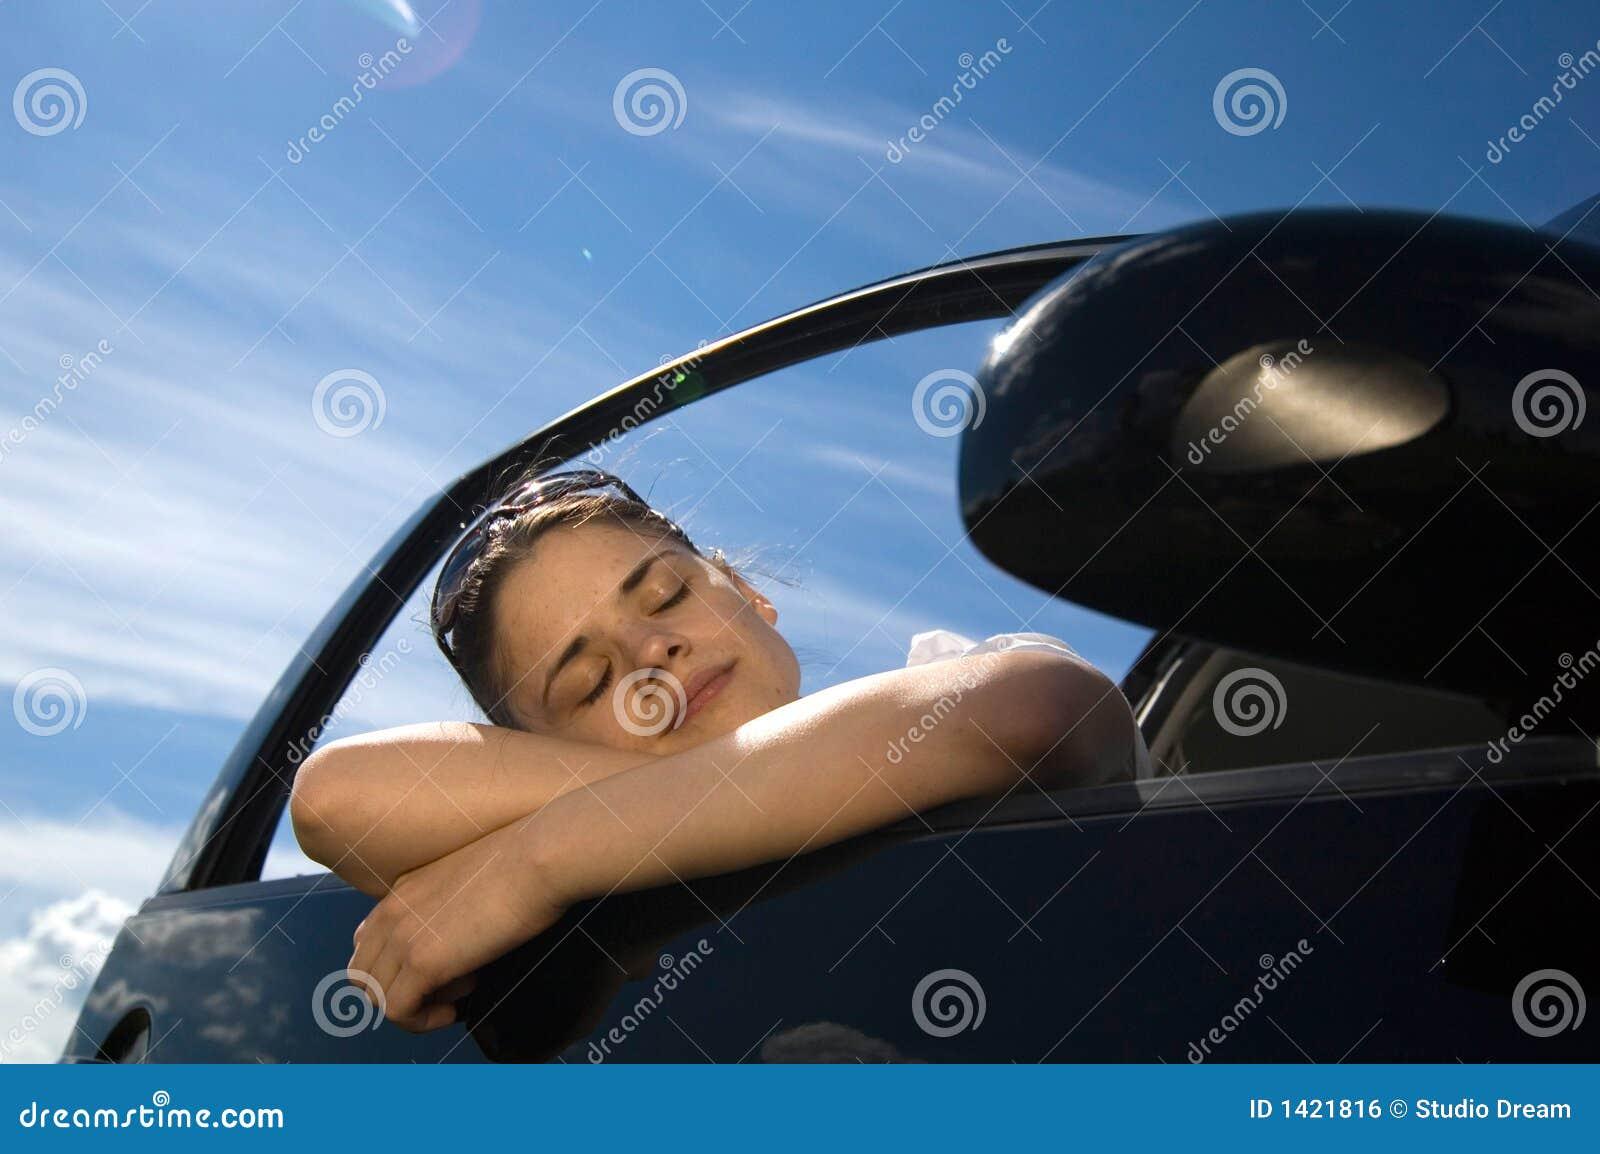 Woman in Car 2